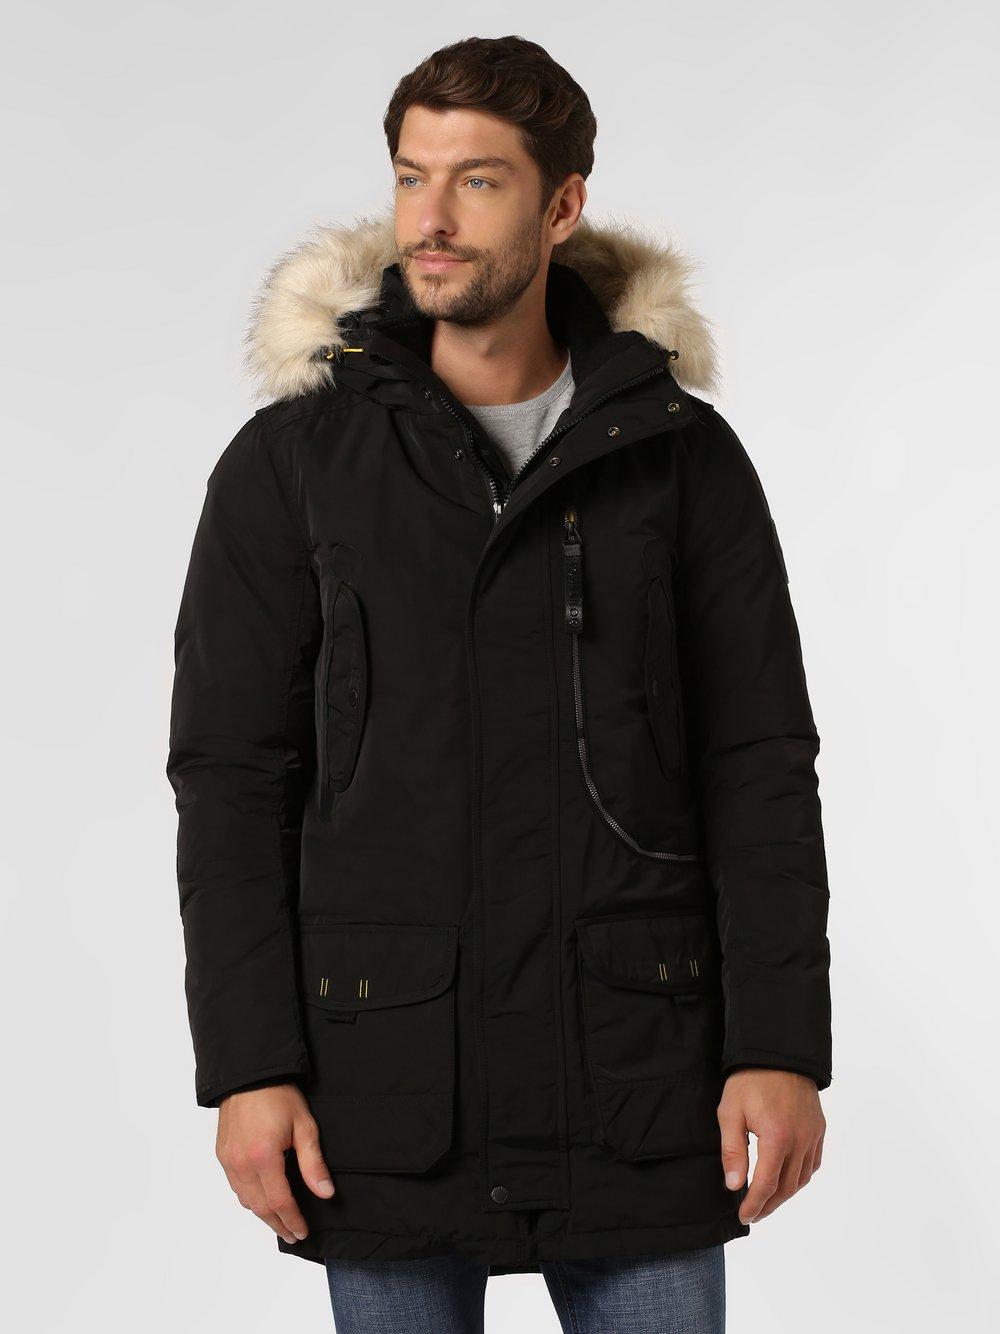 Tom Tailor – Męski płaszcz funkcyjny, czarny Van Graaf 447819-0002